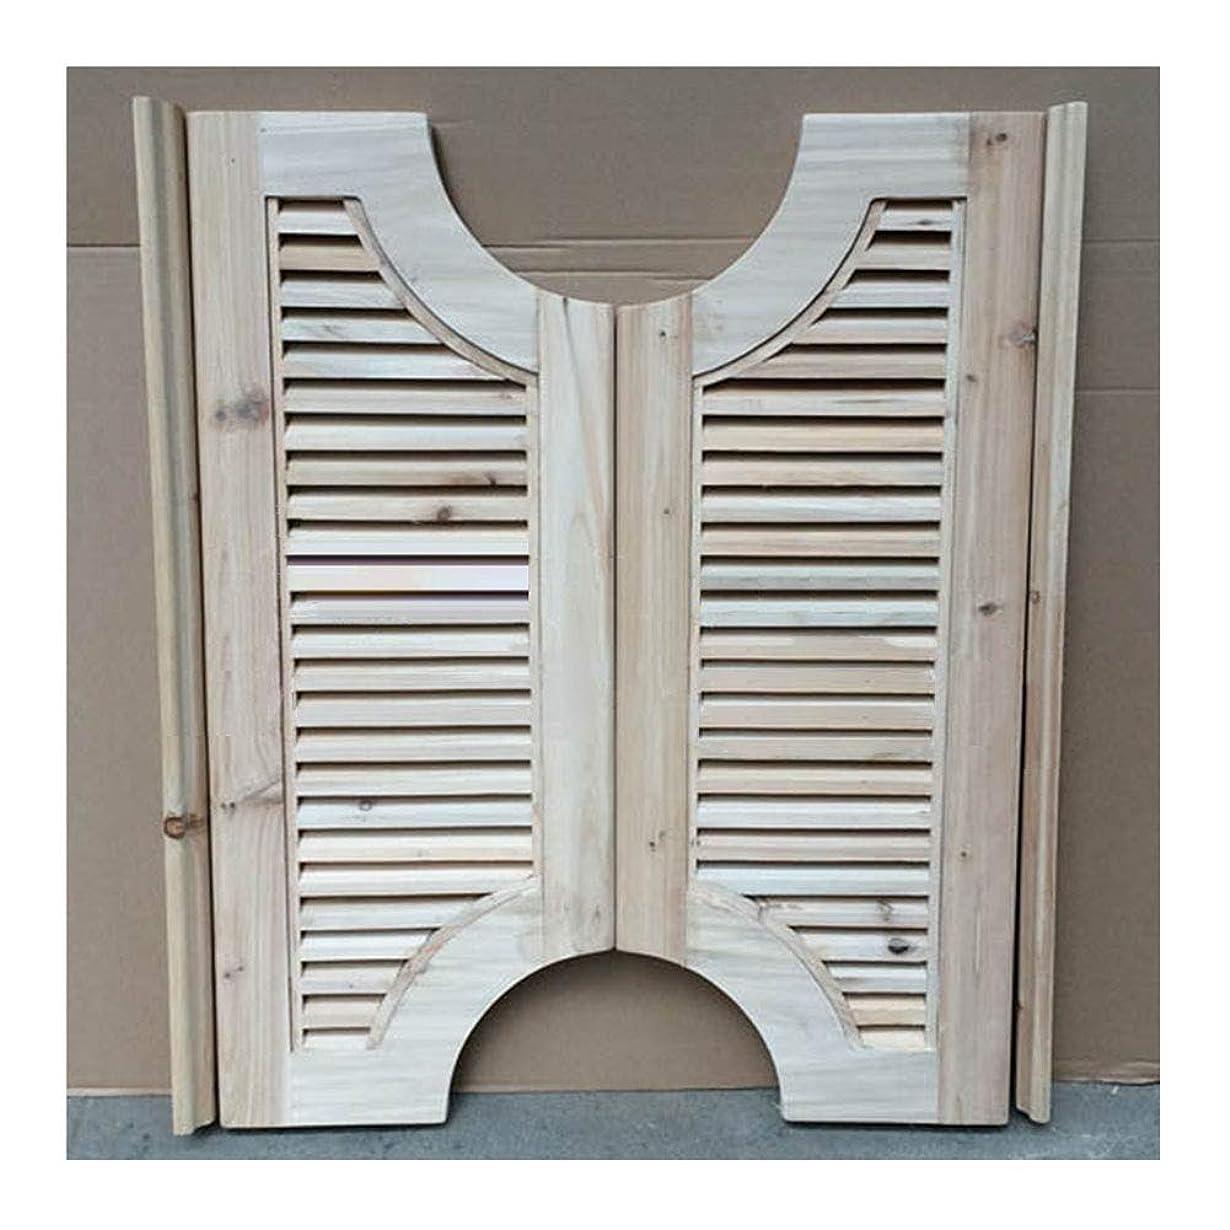 矛盾する組み込むエレベーターCAIJUN カフェドアーズ スイングドア 無垢材 ルーバーゲート サルーン バードア 未完成 自動閉鎖 両方向に開く、 2つのスタイル (Color : A, Size : 75x90cm)